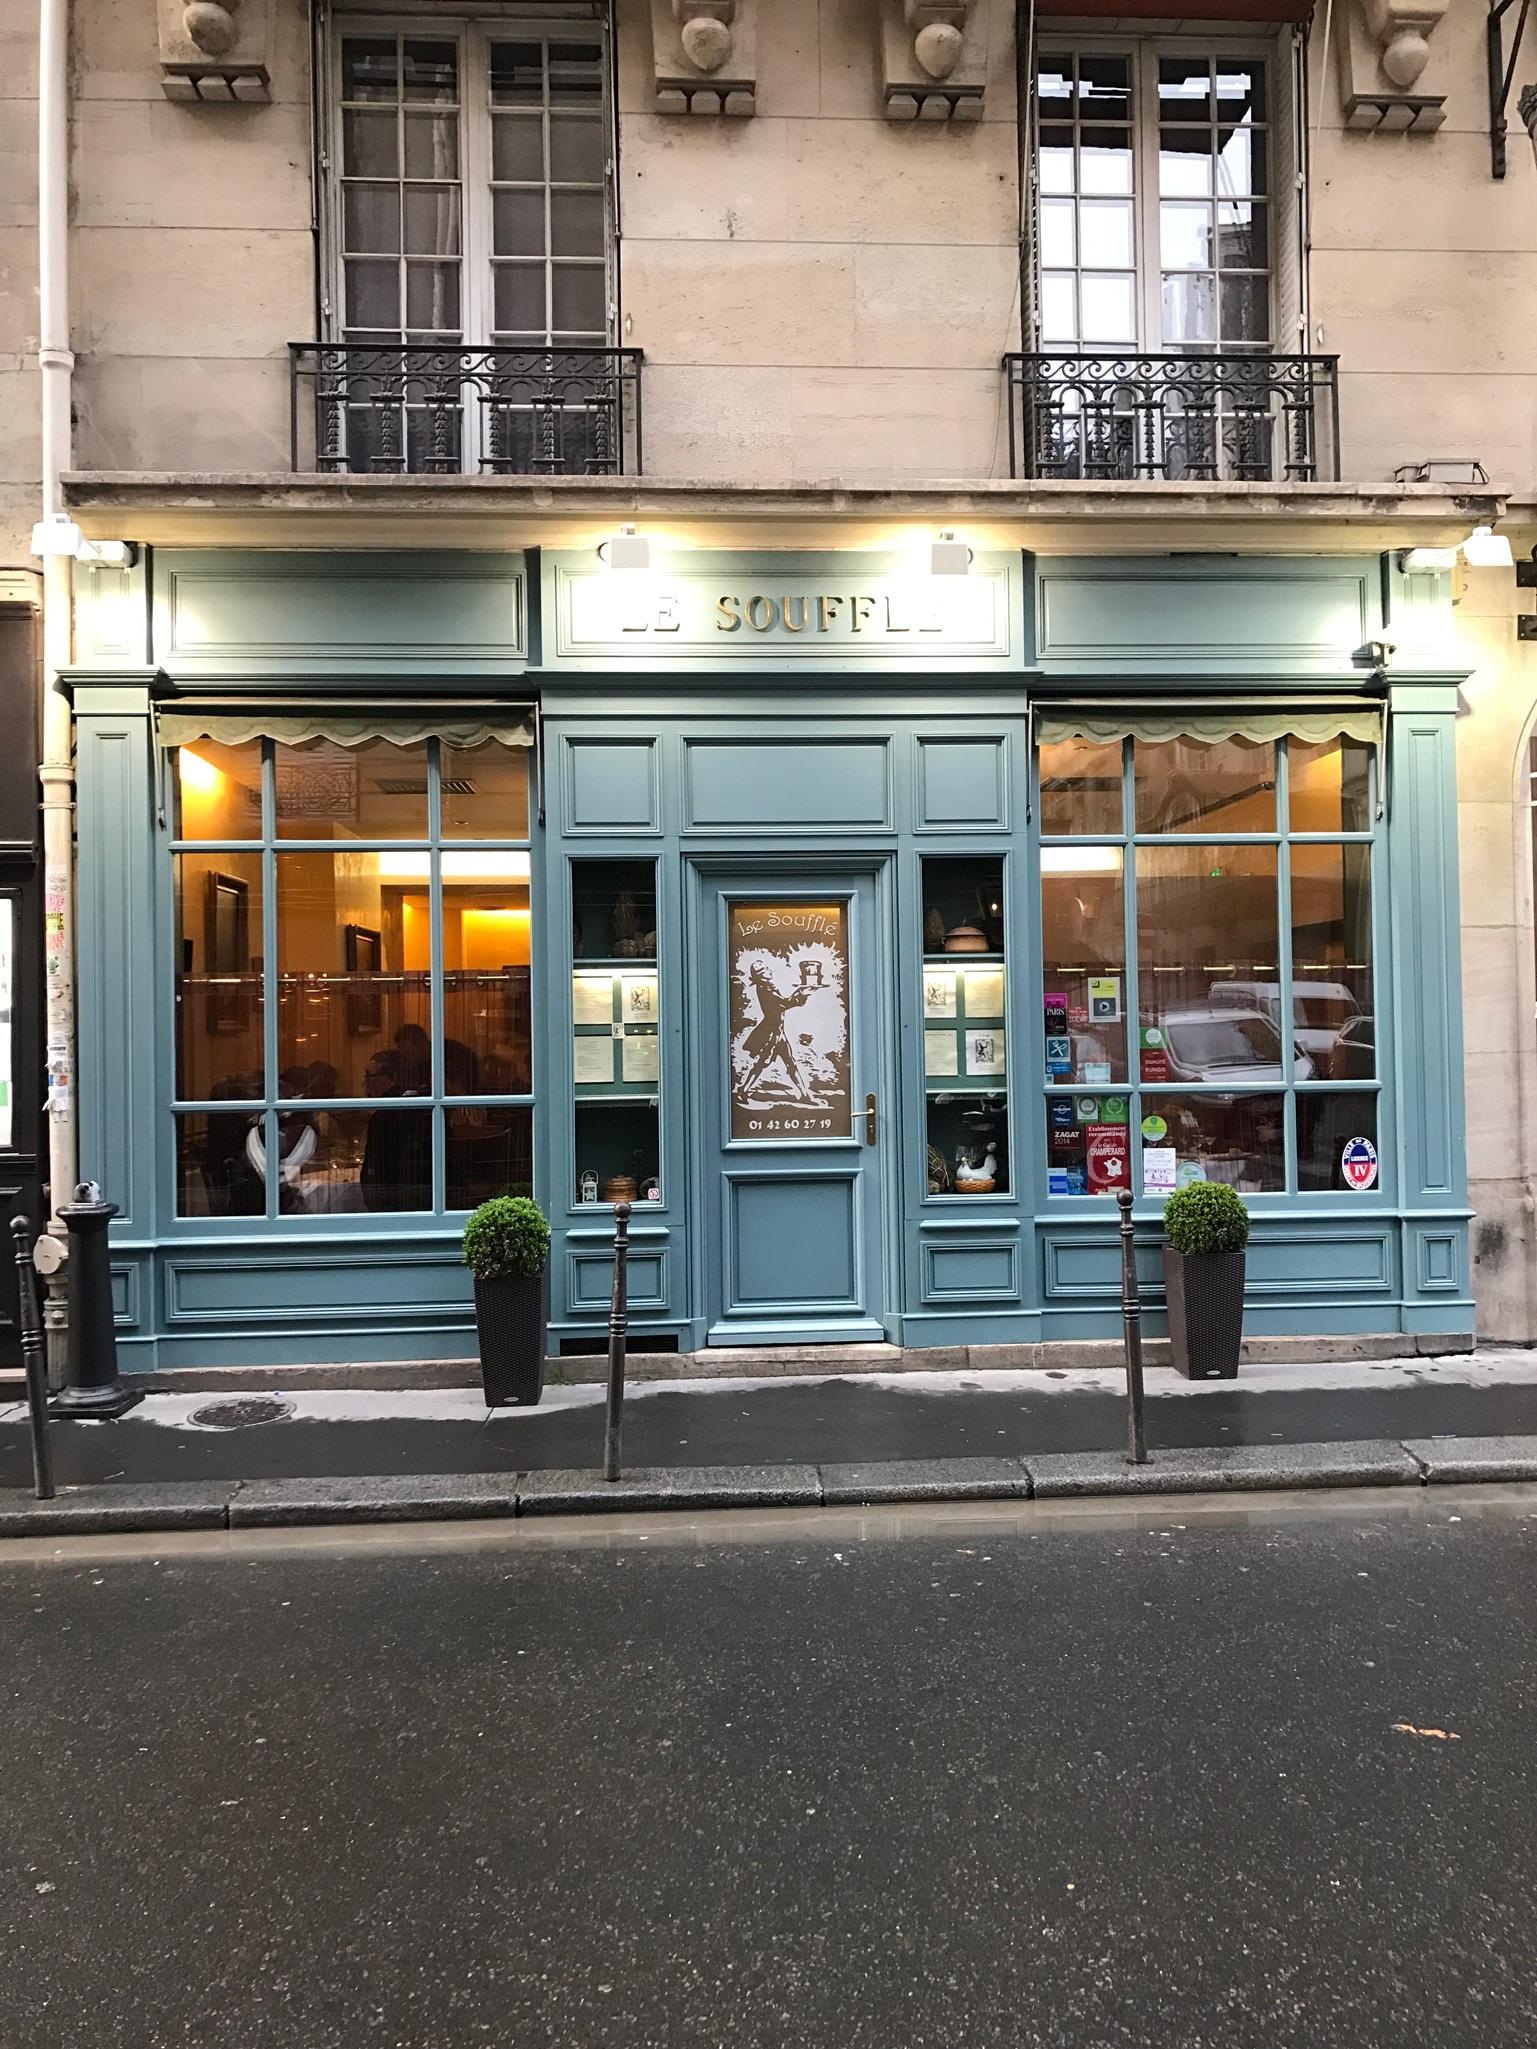 Le Soufflé